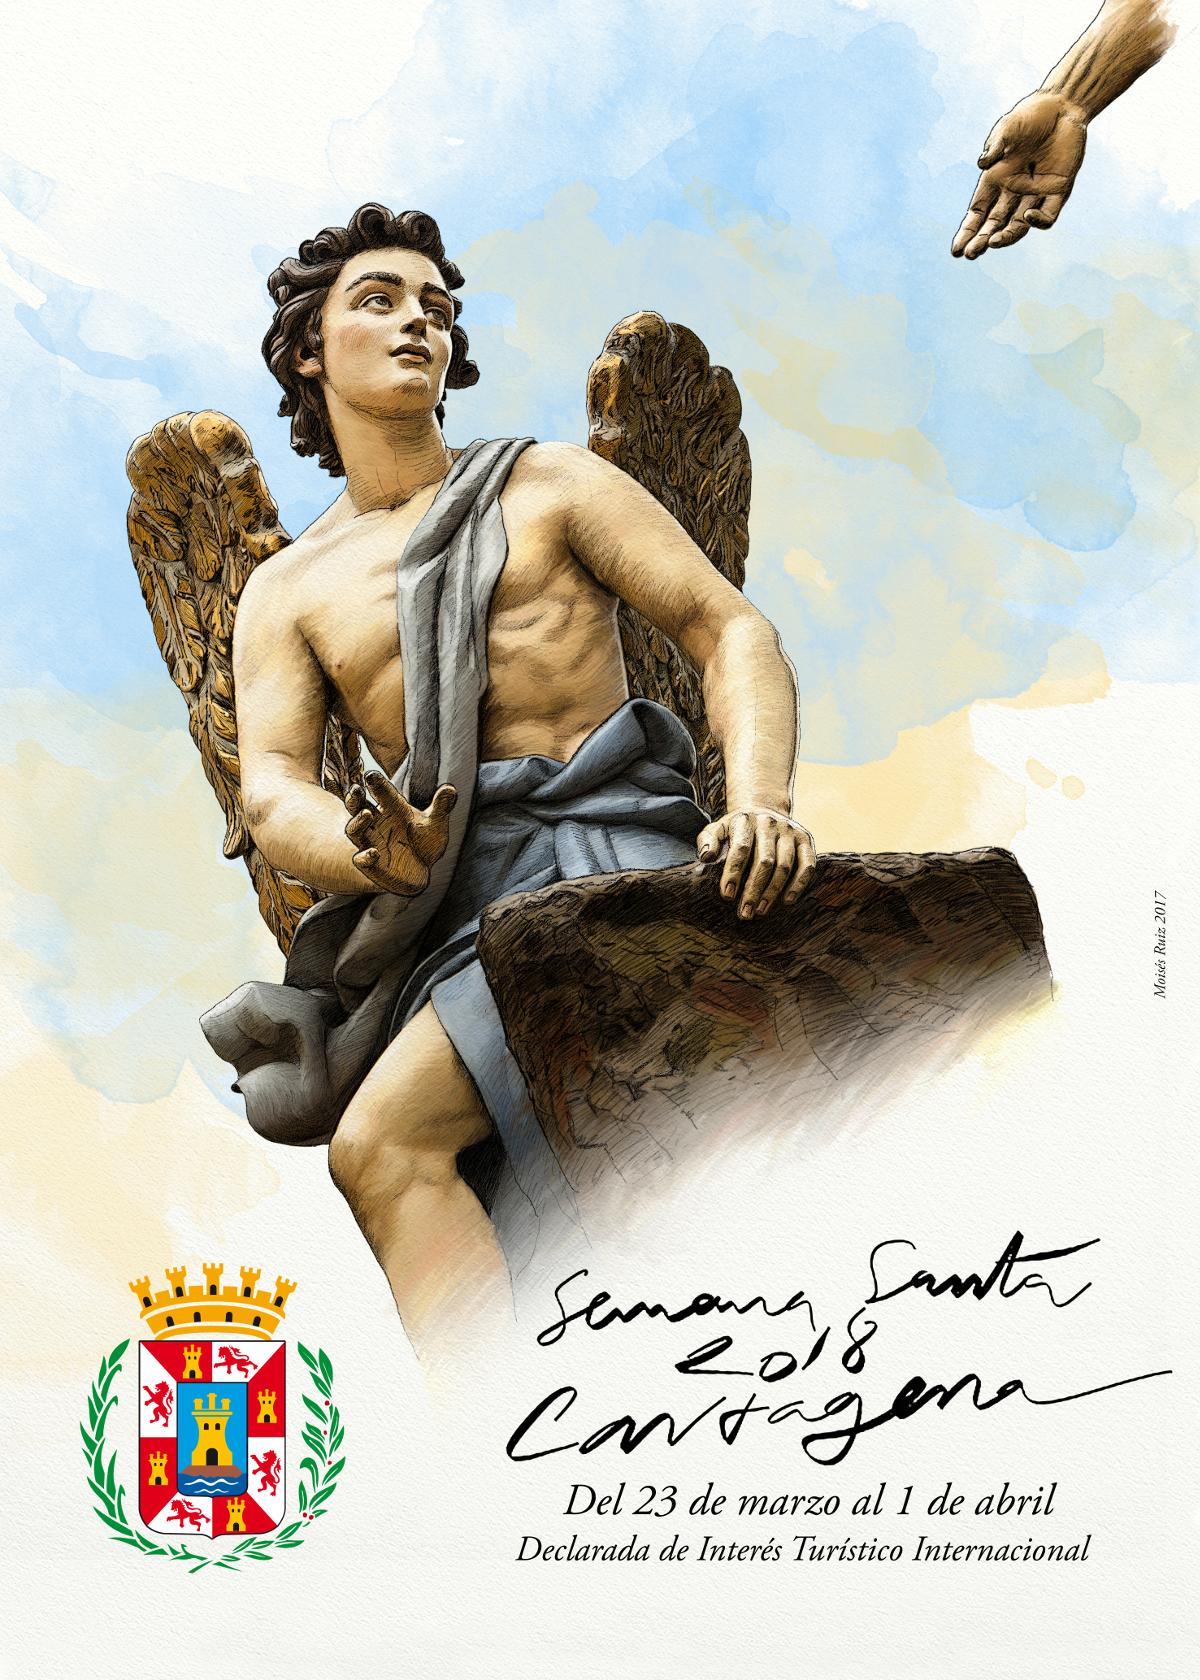 semana santa cartagena 2018